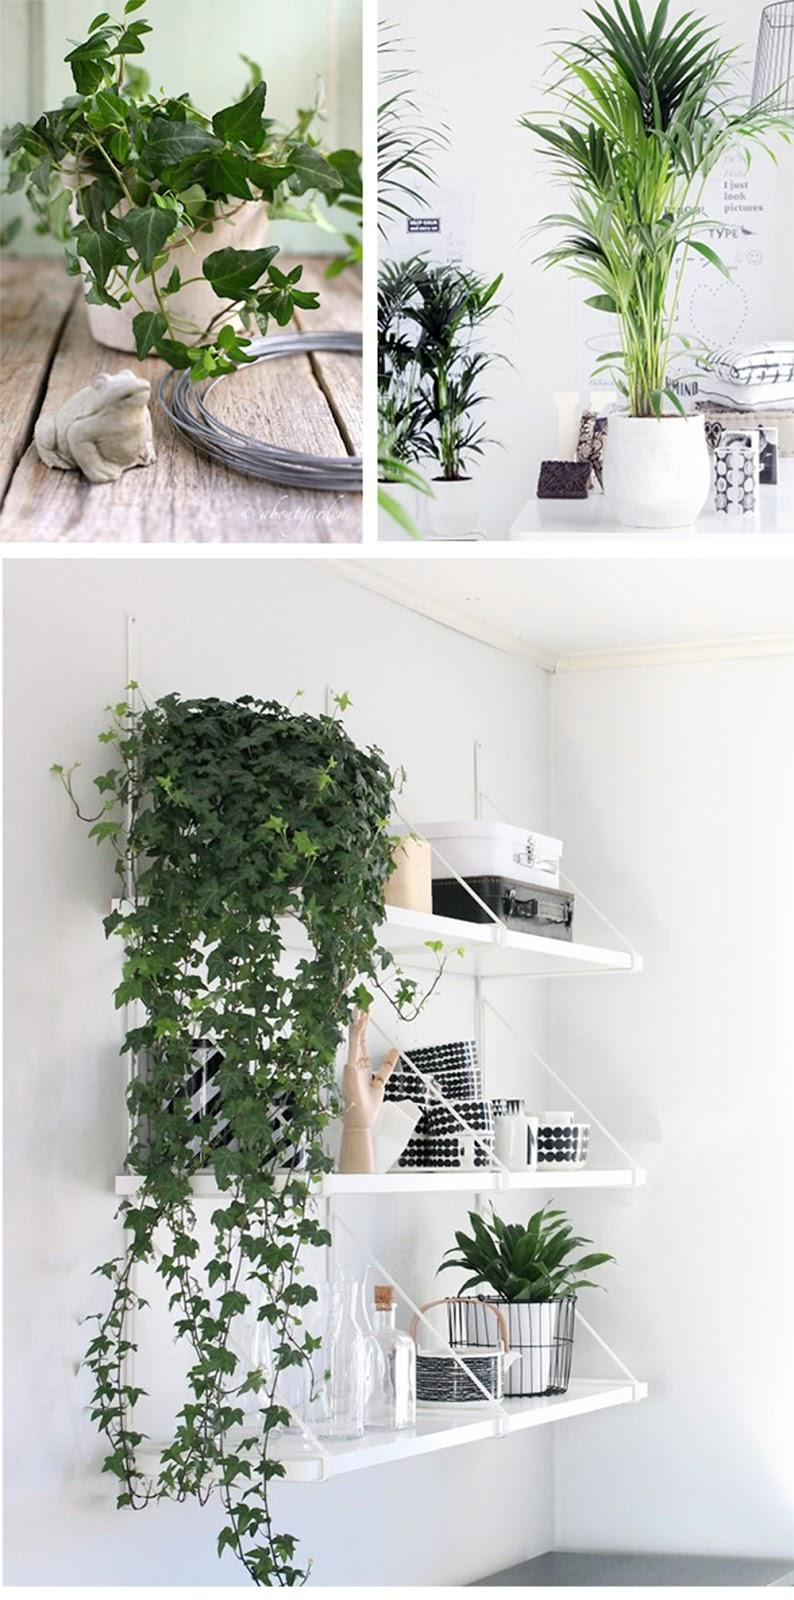 piante da appartamento quando c'è poca luce